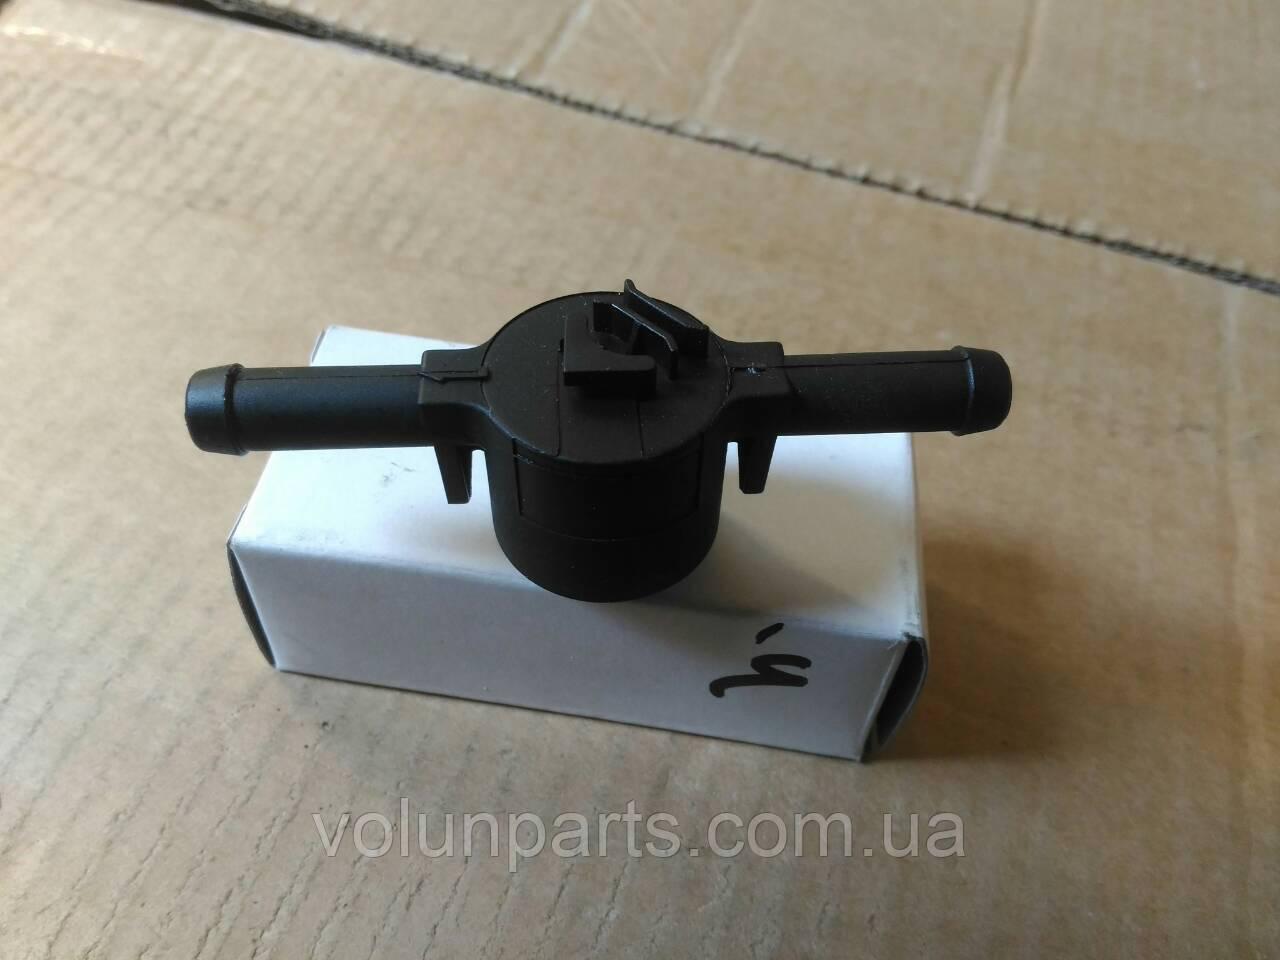 Клапан, топливный фильтрAudi A4/A6/A8 2.5tdi, Passat b5 2.5, skoda Superb 2.5 MaxGear 057127247A